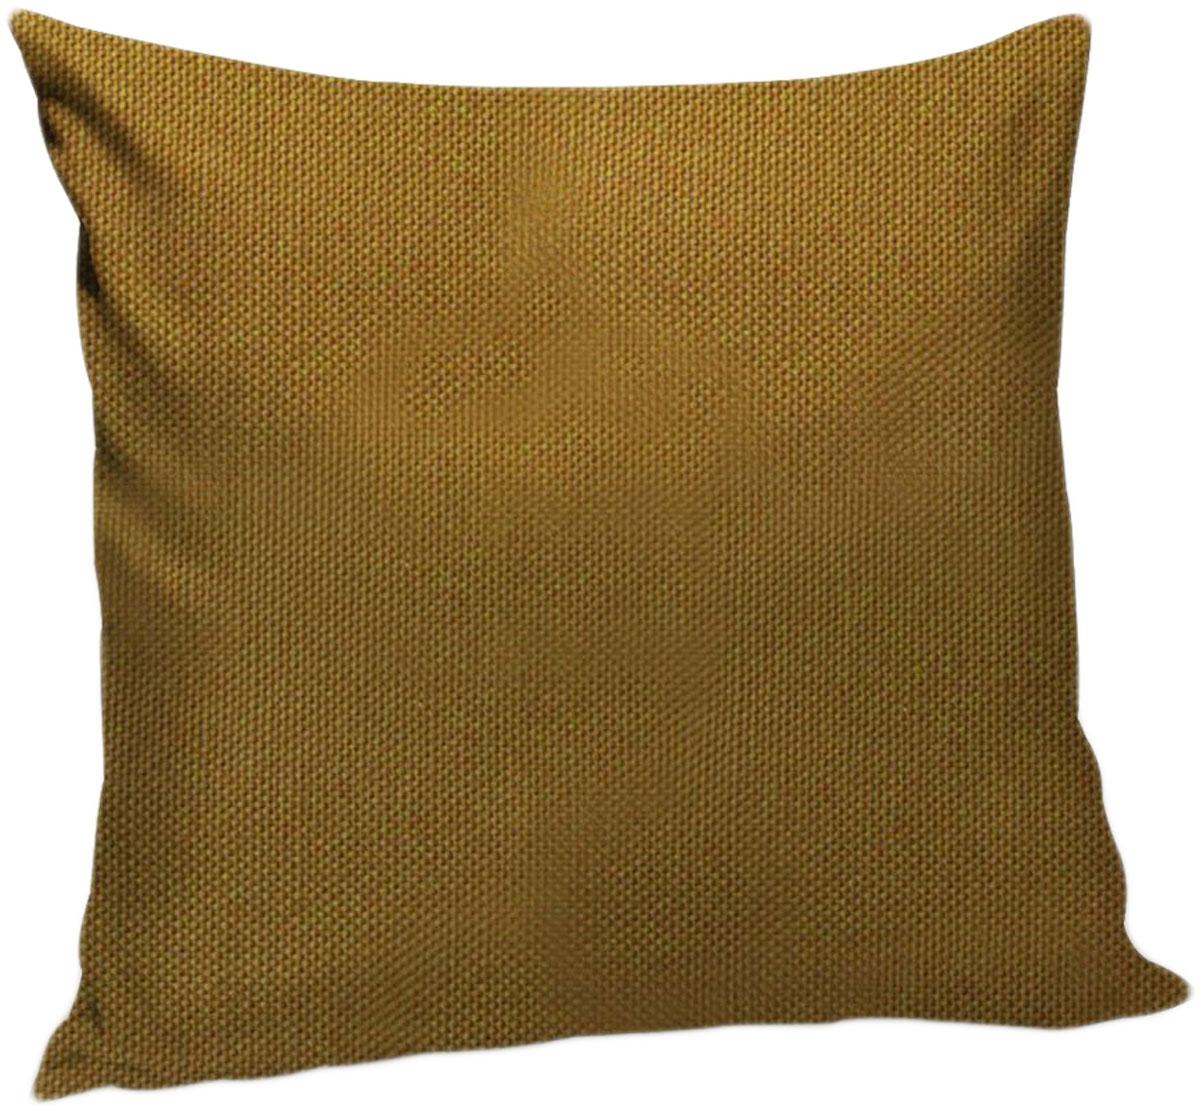 Подушка декоративная KauffOrt Комо, цвет: горчичный, 40 x 40 см3121540150Декоративная подушка Комо прекрасно дополнит интерьер спальни или гостиной. Чехолподушки выполнен из лонеты. Внутри находится мягкий наполнитель. Чехол легко снимаетсяблагодаря потайной молнии.